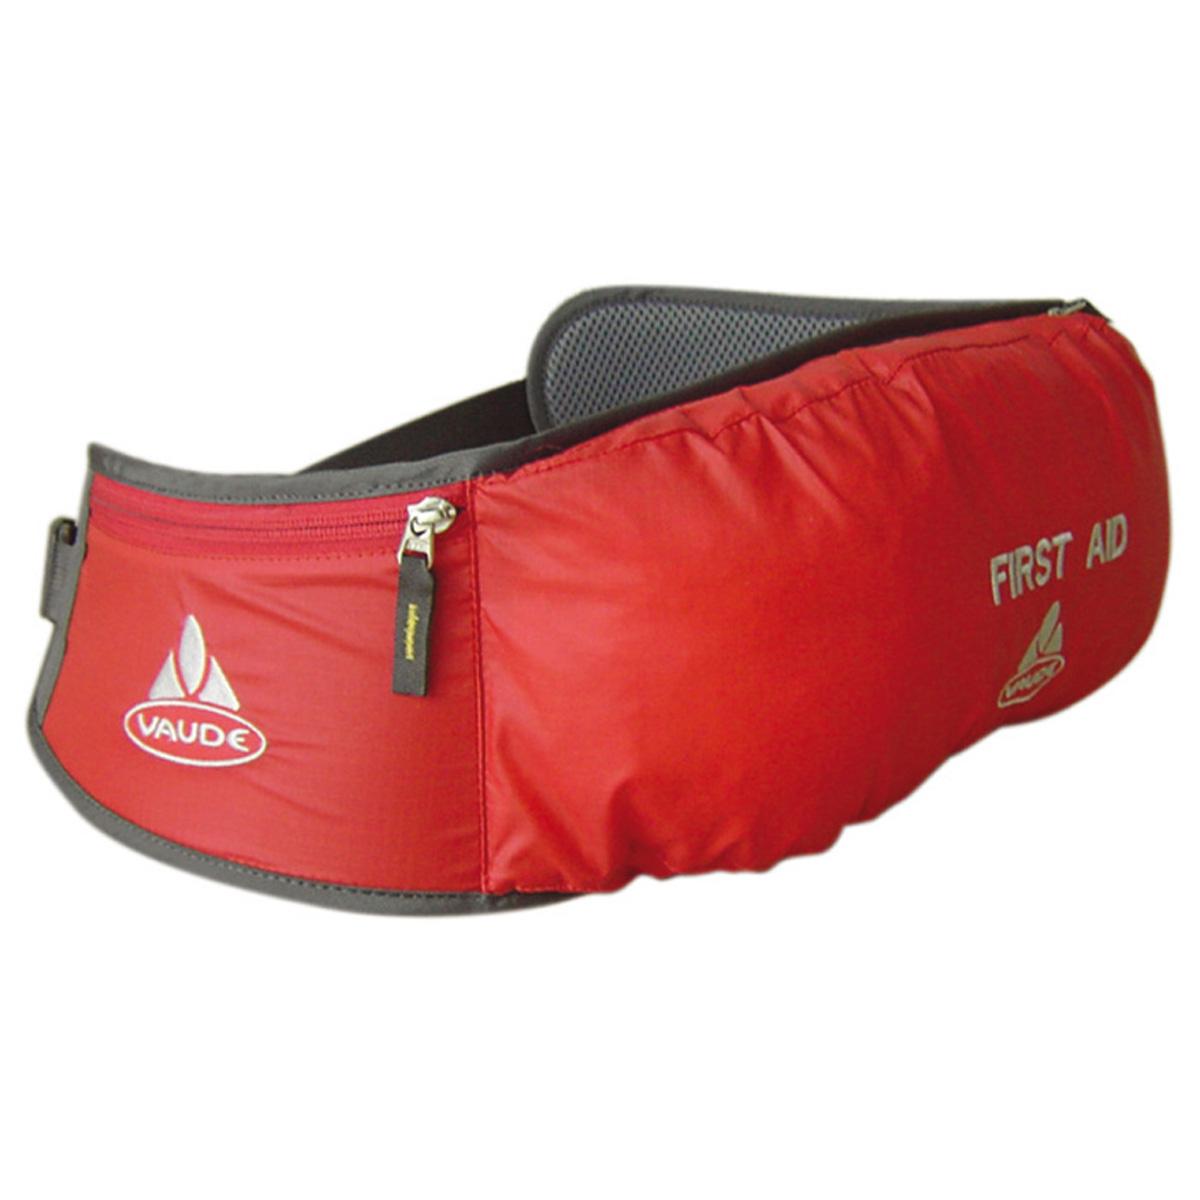 vaude first aid hip bag erste hilfe tasche outdoor freizeit neu ebay. Black Bedroom Furniture Sets. Home Design Ideas